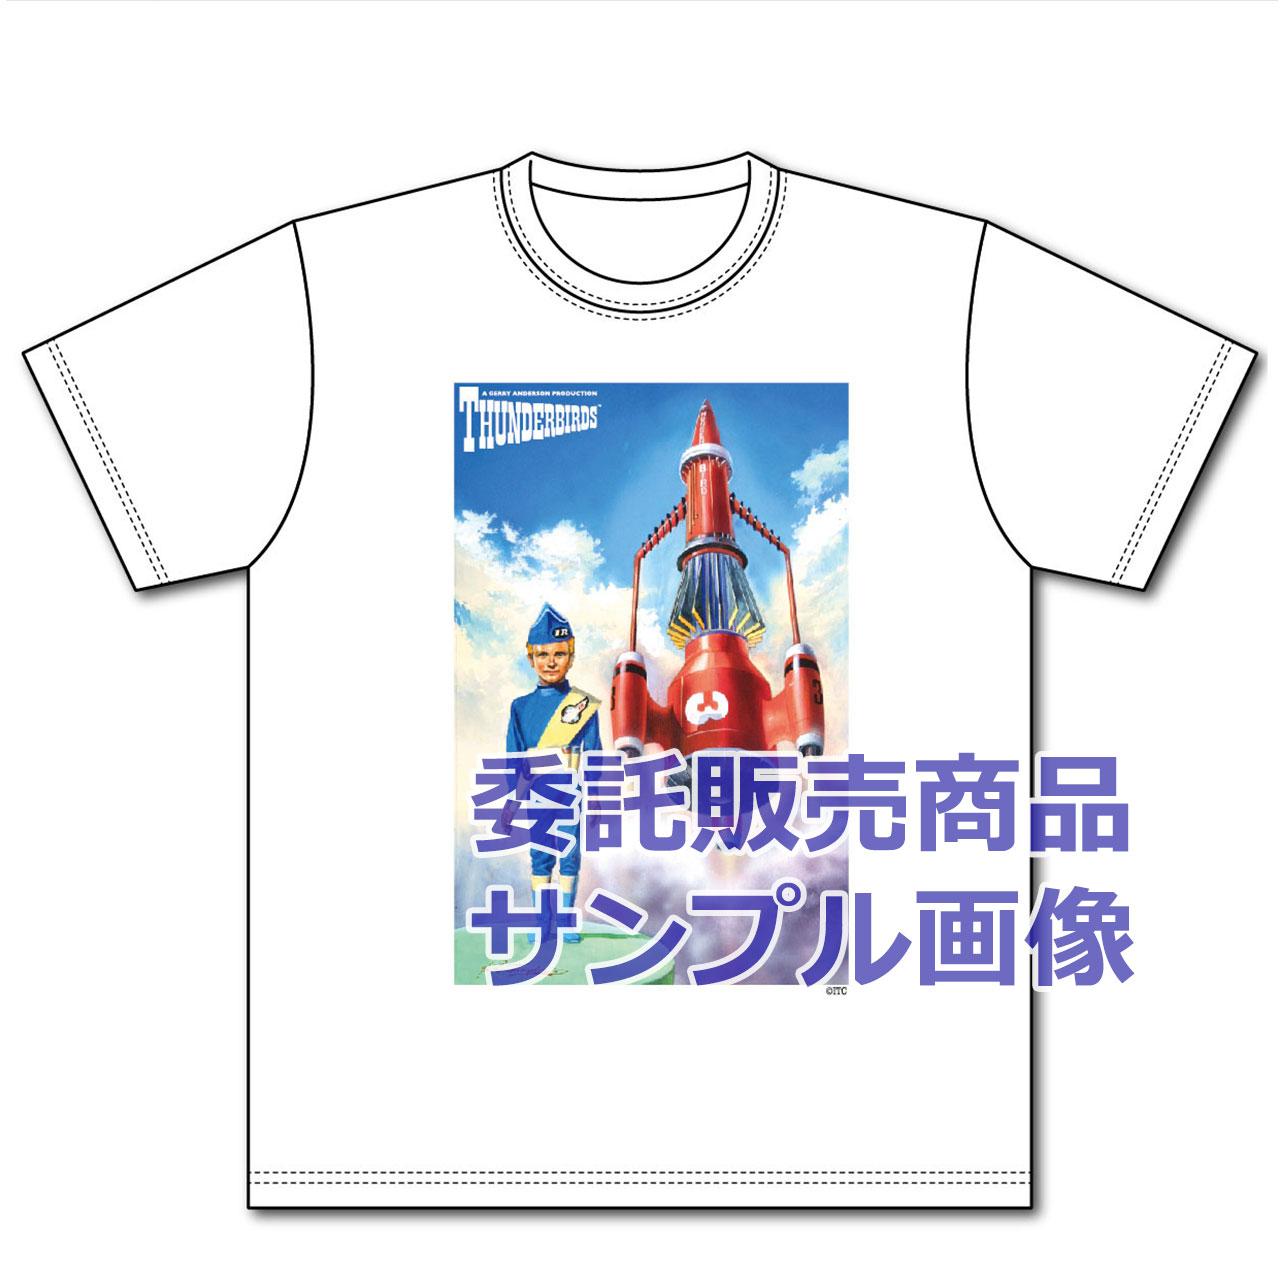 「サンダーバード」Tシャツ3号白